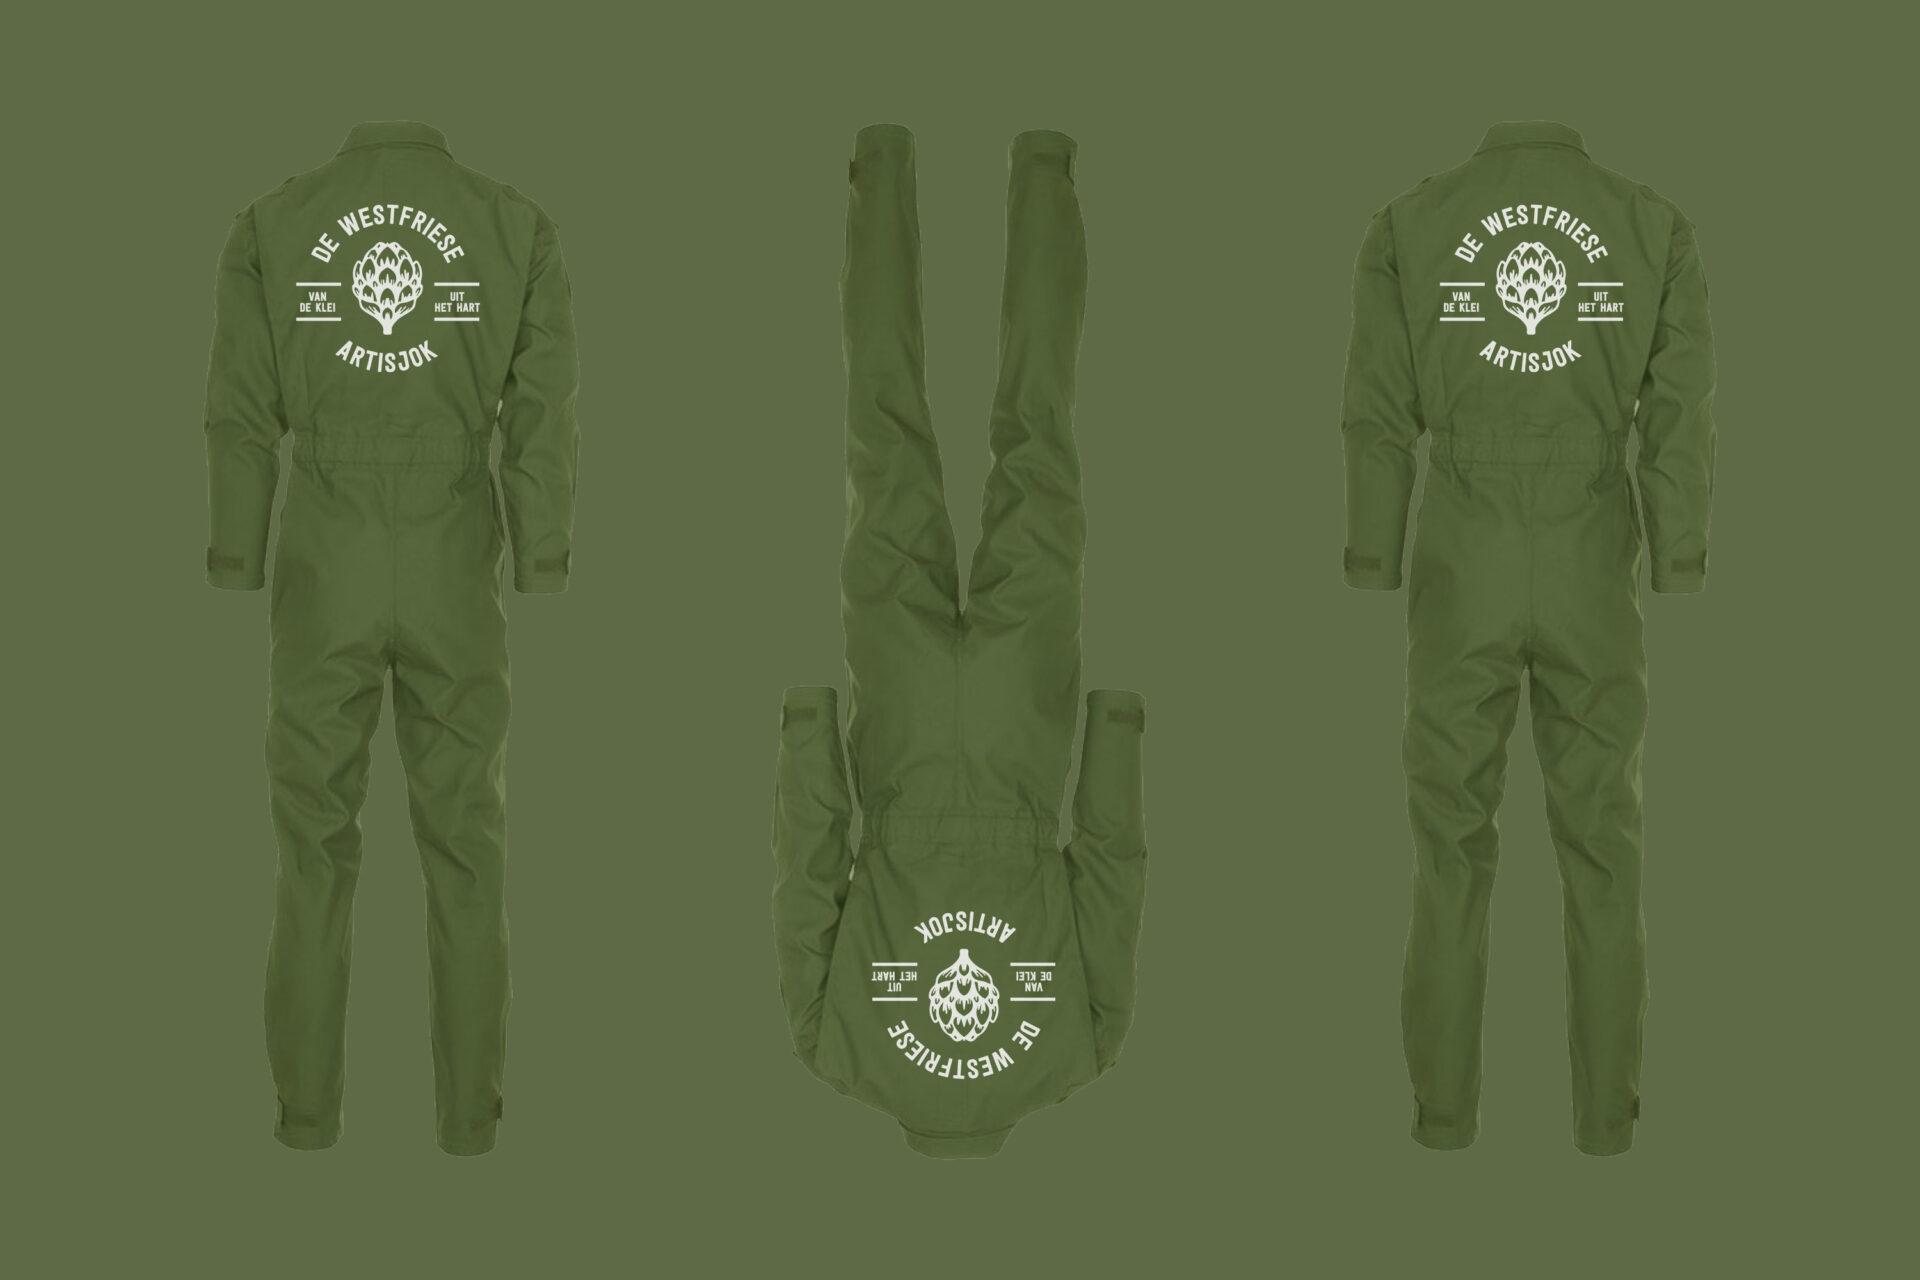 Overalls en logo voor Merijn, Maxim, Lars en Thom van De Westfriese Artisjok gemaakt door Sjoerd van Schagen